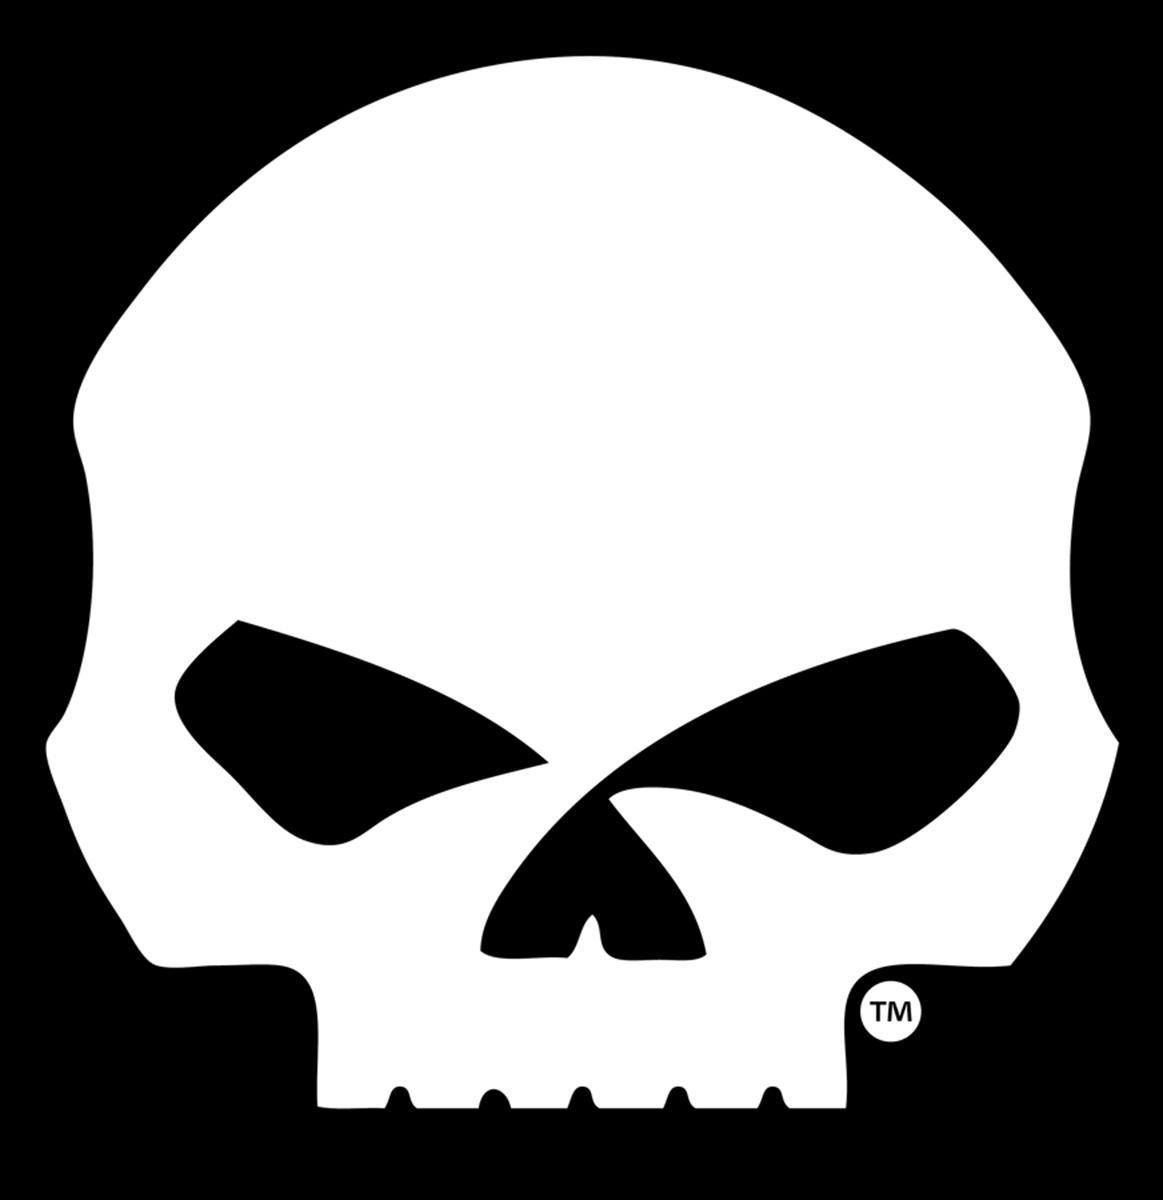 harley davidson skull logos. Black Bedroom Furniture Sets. Home Design Ideas